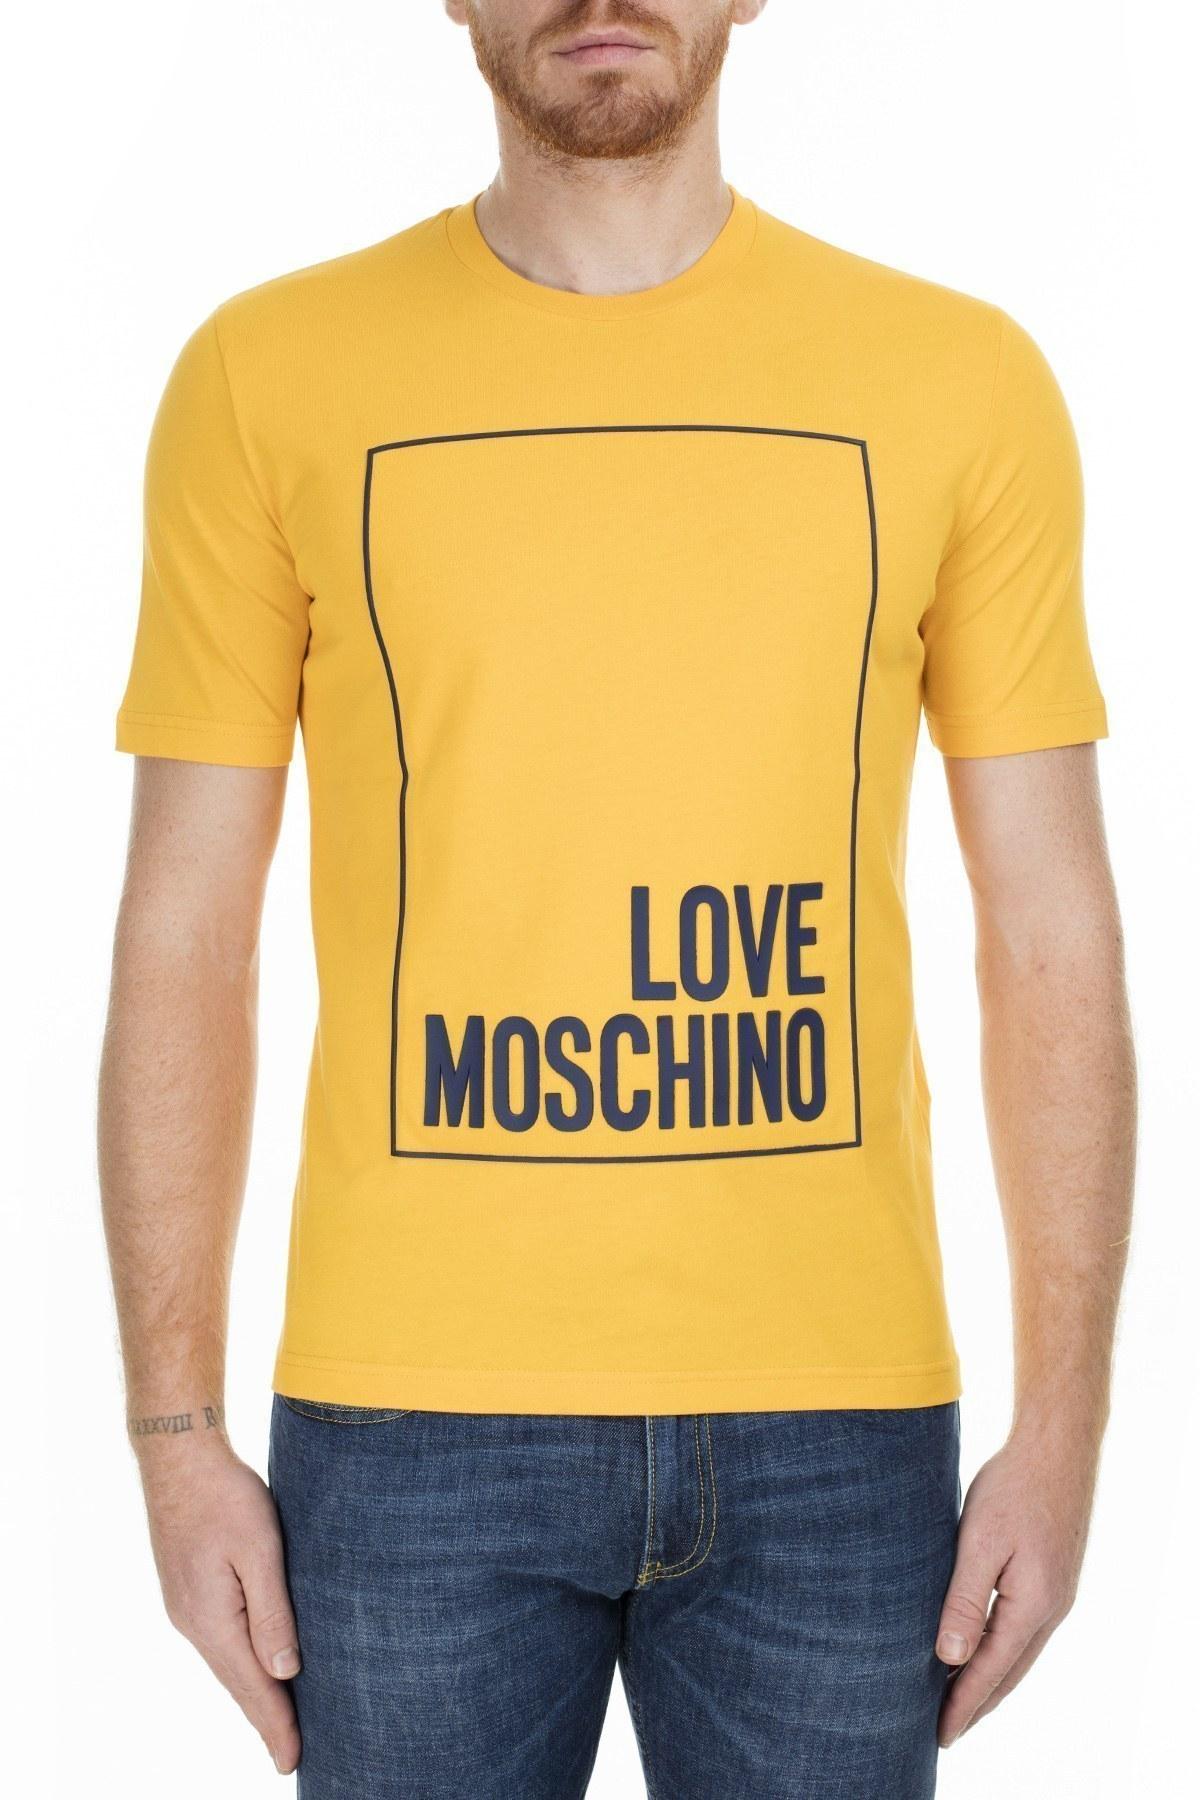 Love Moschino Erkek T Shirt S M47322RM3876 I63 SARI